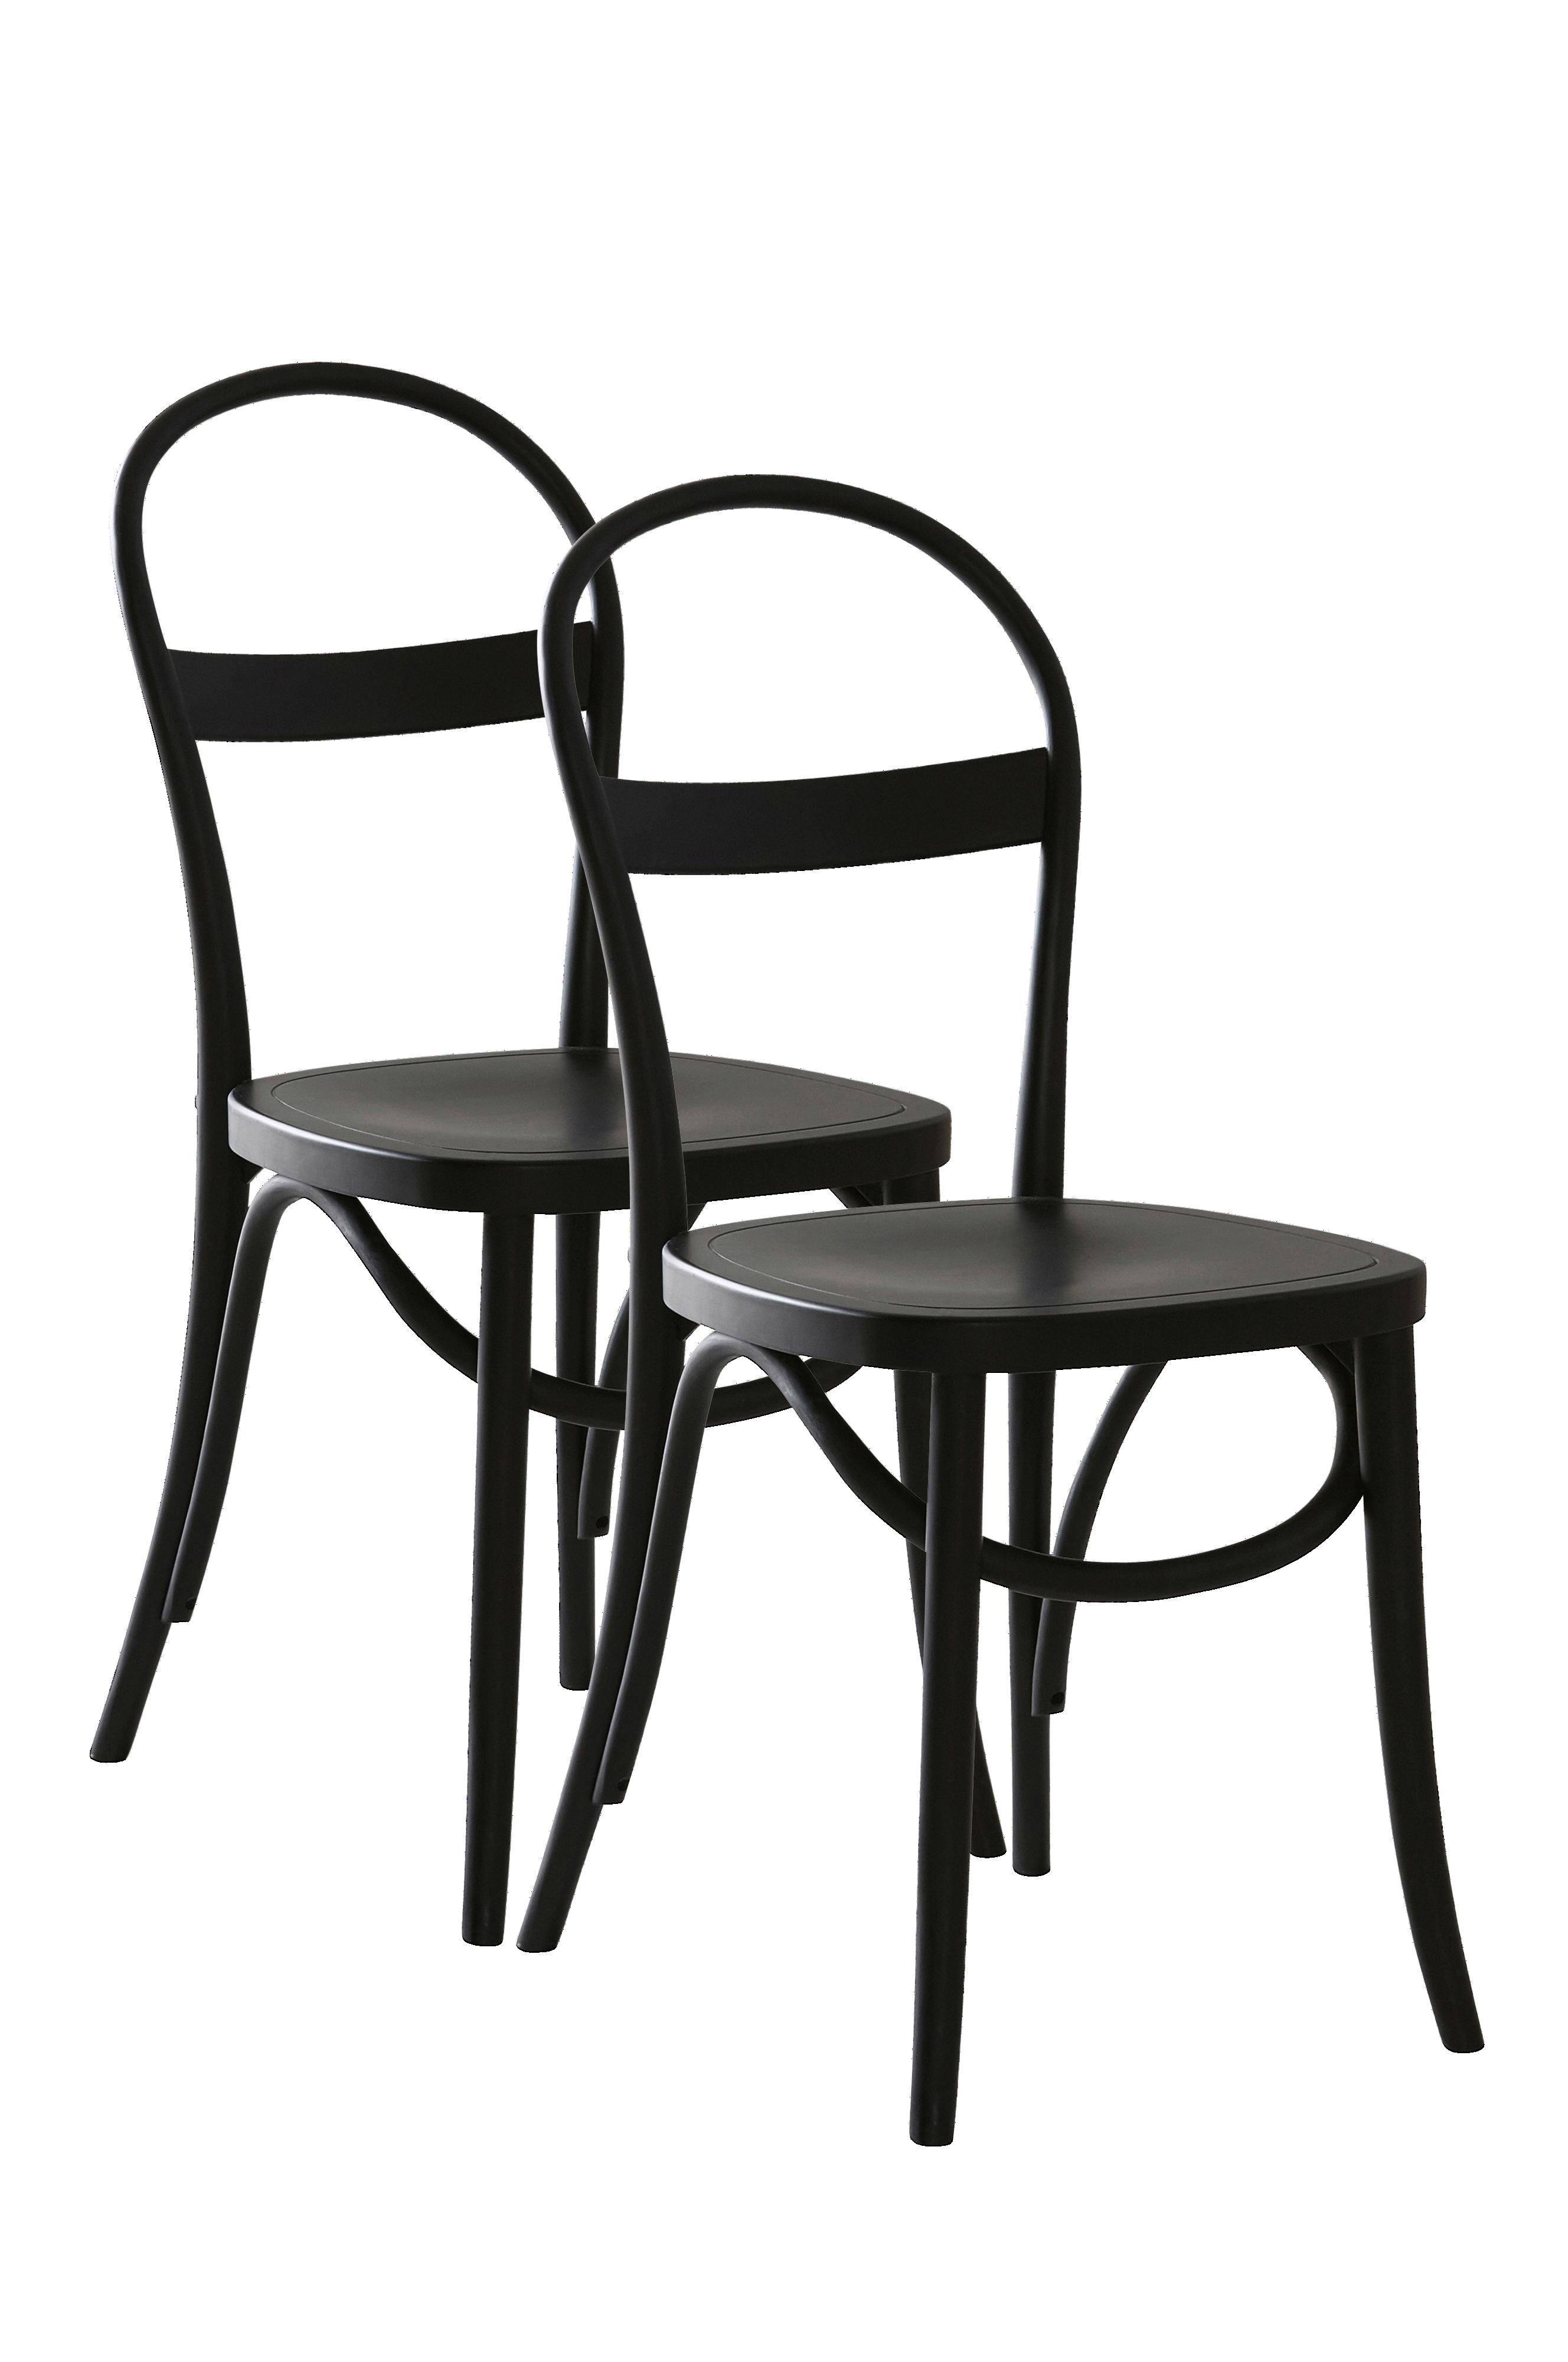 VÄBY stol 2 pack Svart Möbler Jotex